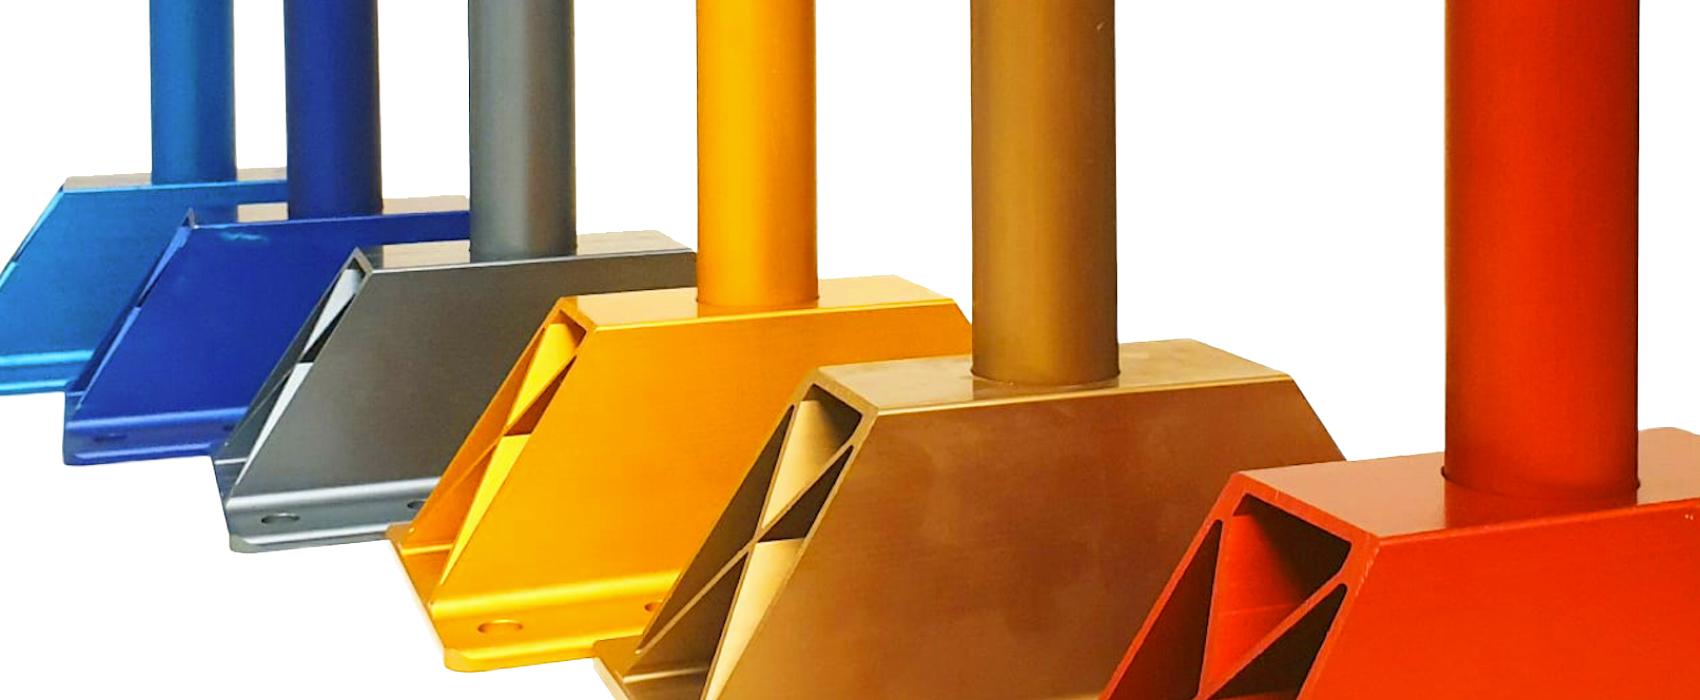 personalizza il colore del tuo dispositivo anticaduta